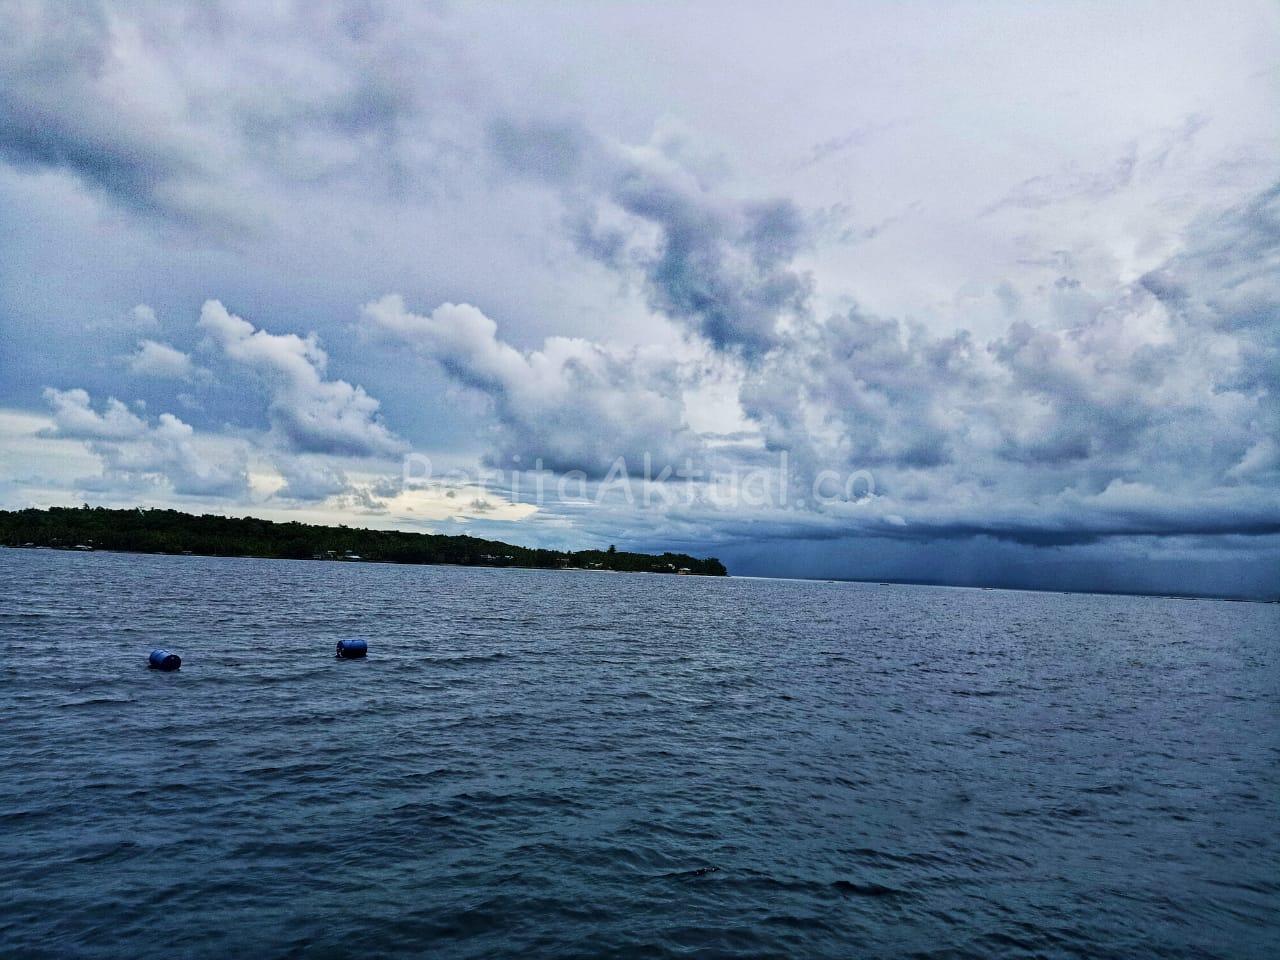 BMKG Keluarkan Peringatan Dini Cuaca Extrim di Perairan Manokwari, Raja Ampat Dan Sorong 5 IMG 20200806 WA0028